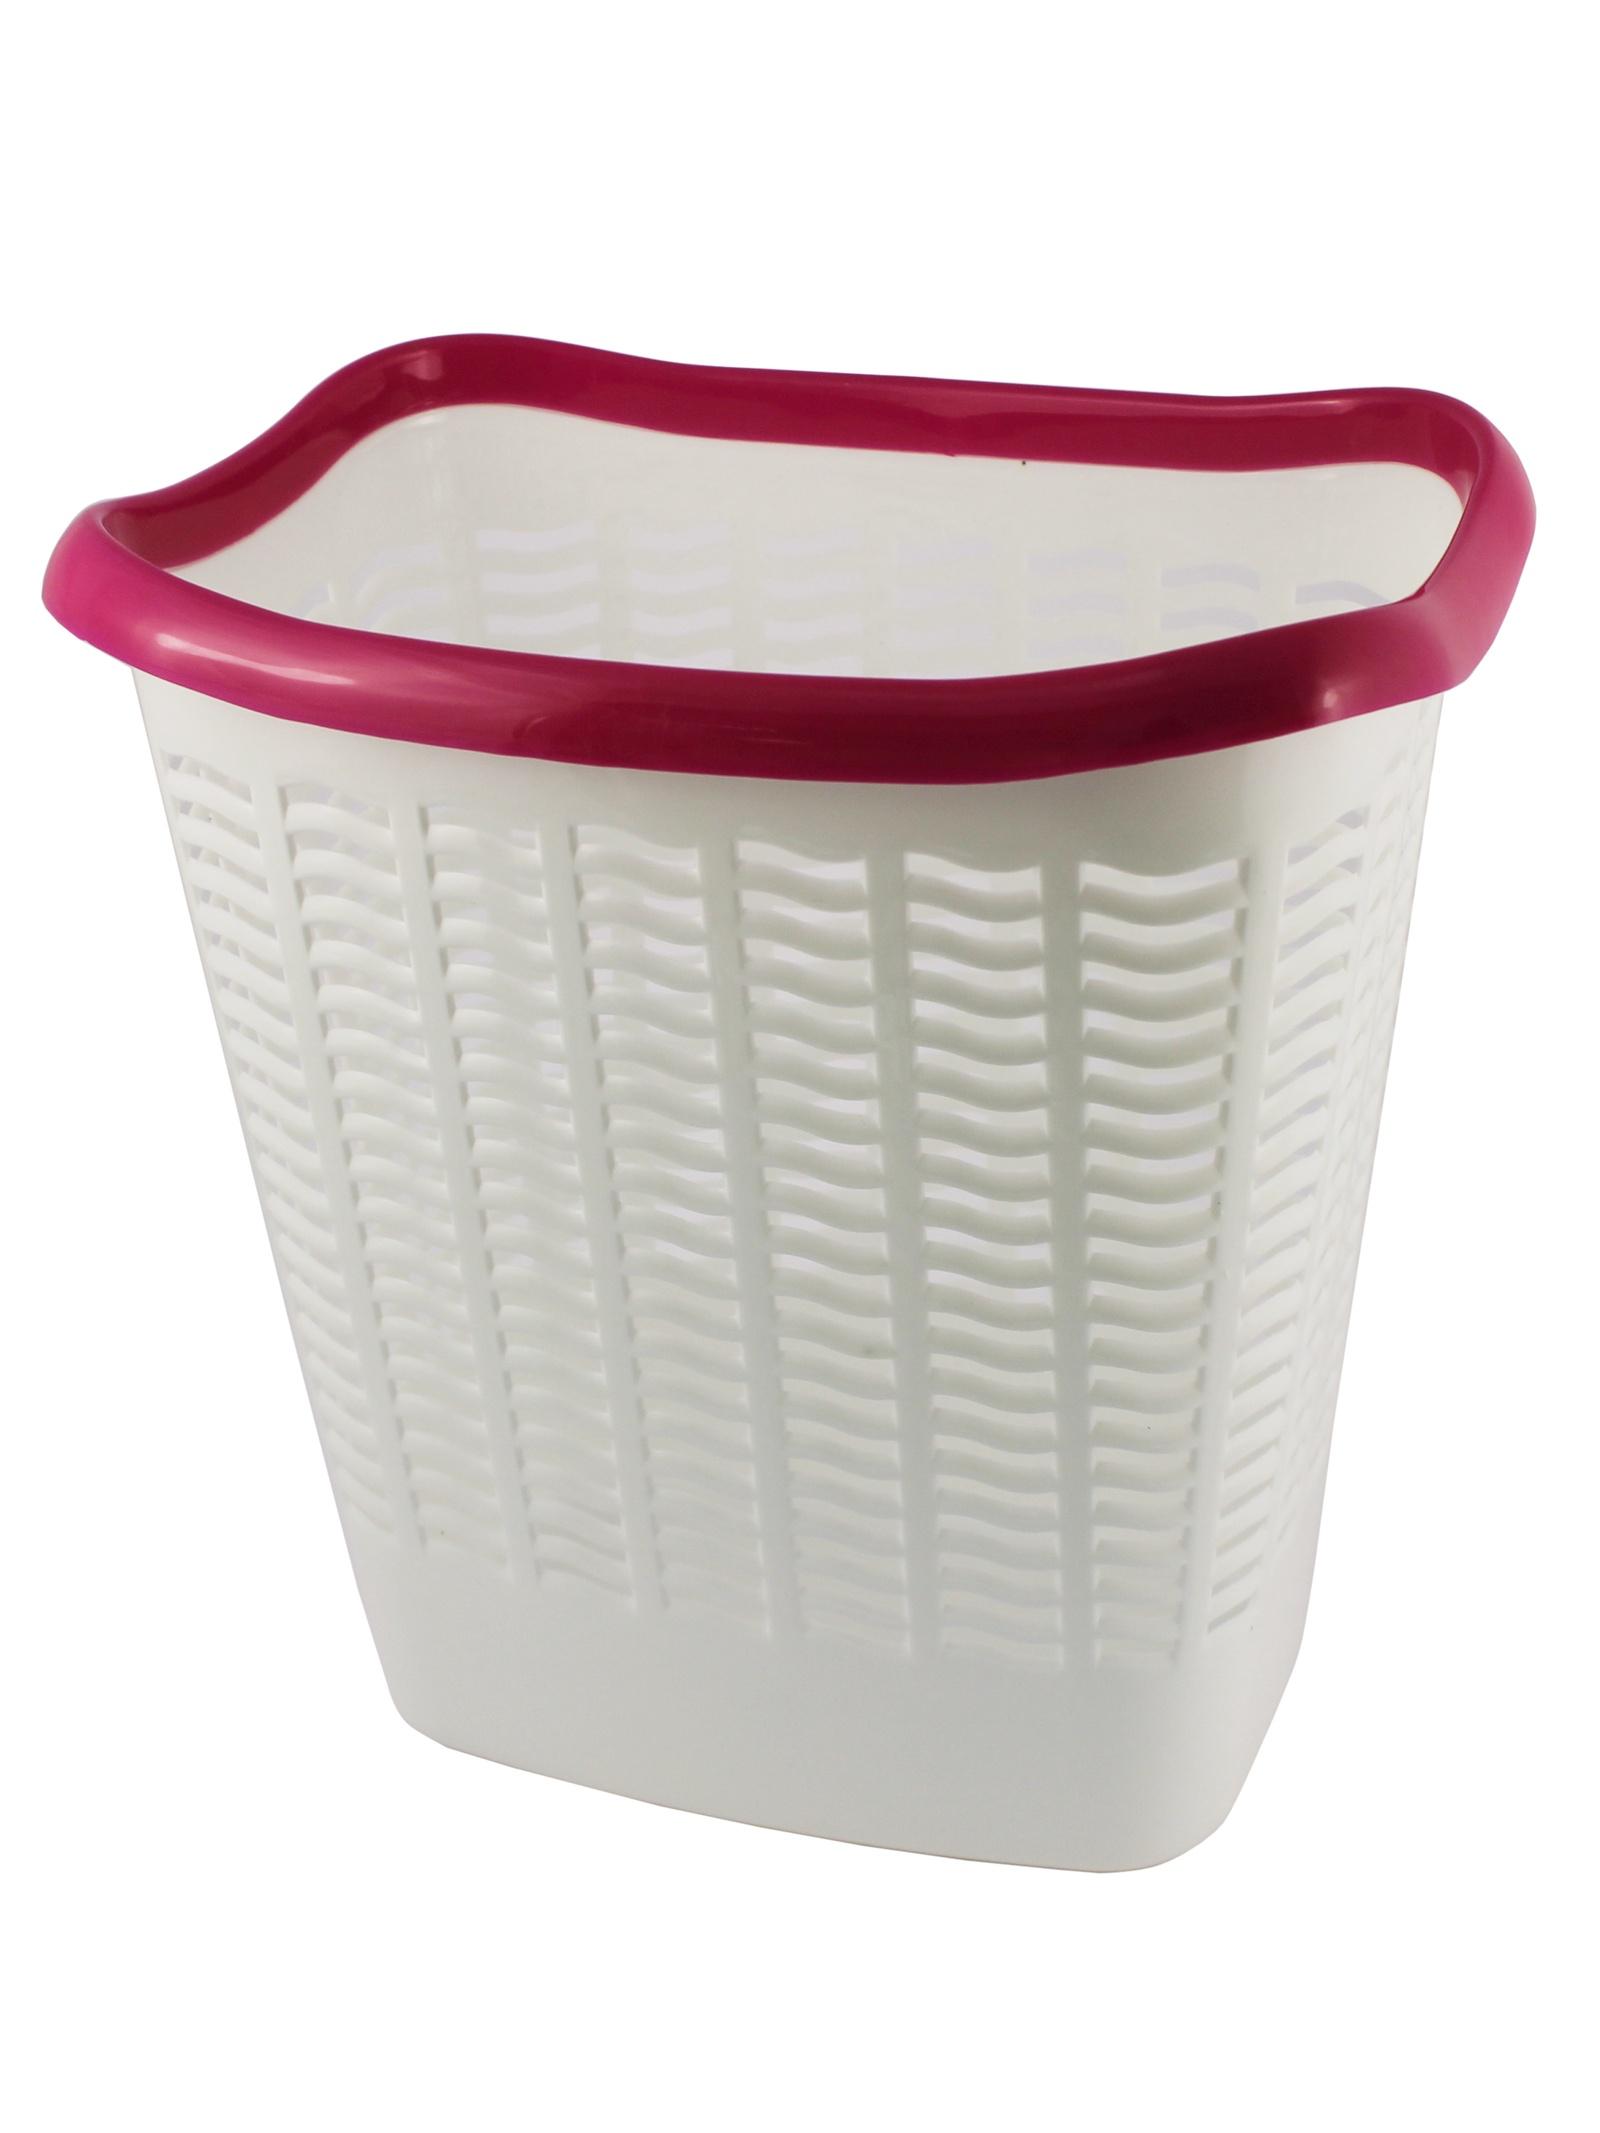 Корзина для мусора 12л корзина из рисовой соломы louna малая модель высота 48 см